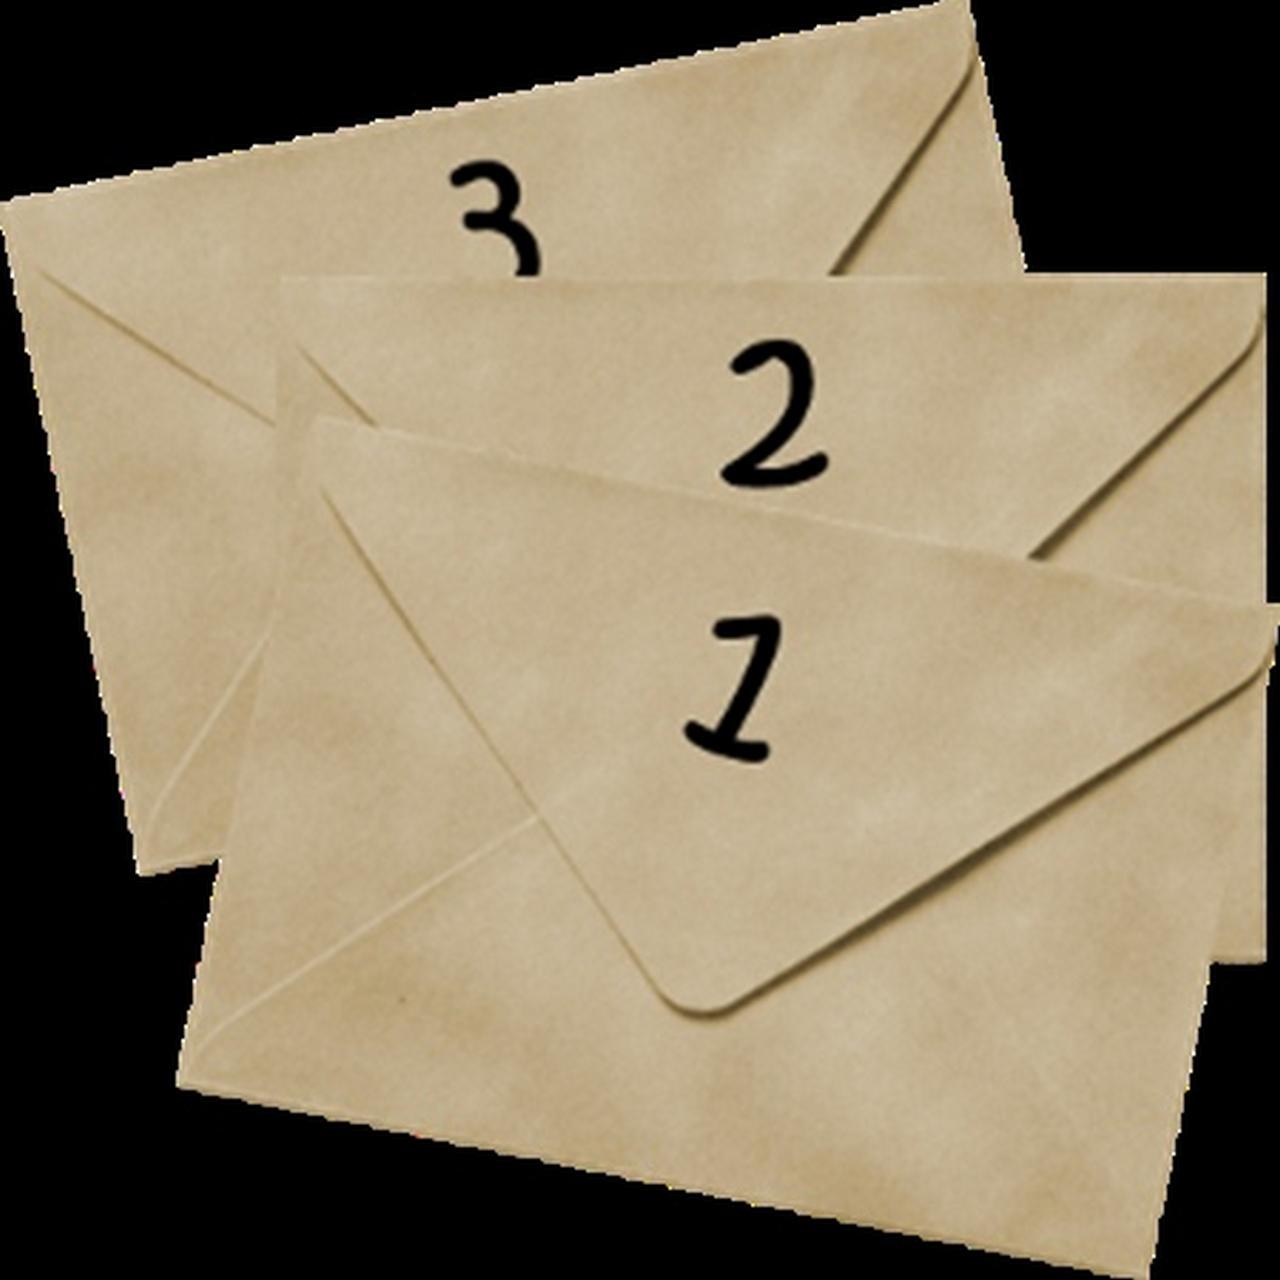 Три конверта для Порошенко. Герман Садулаев